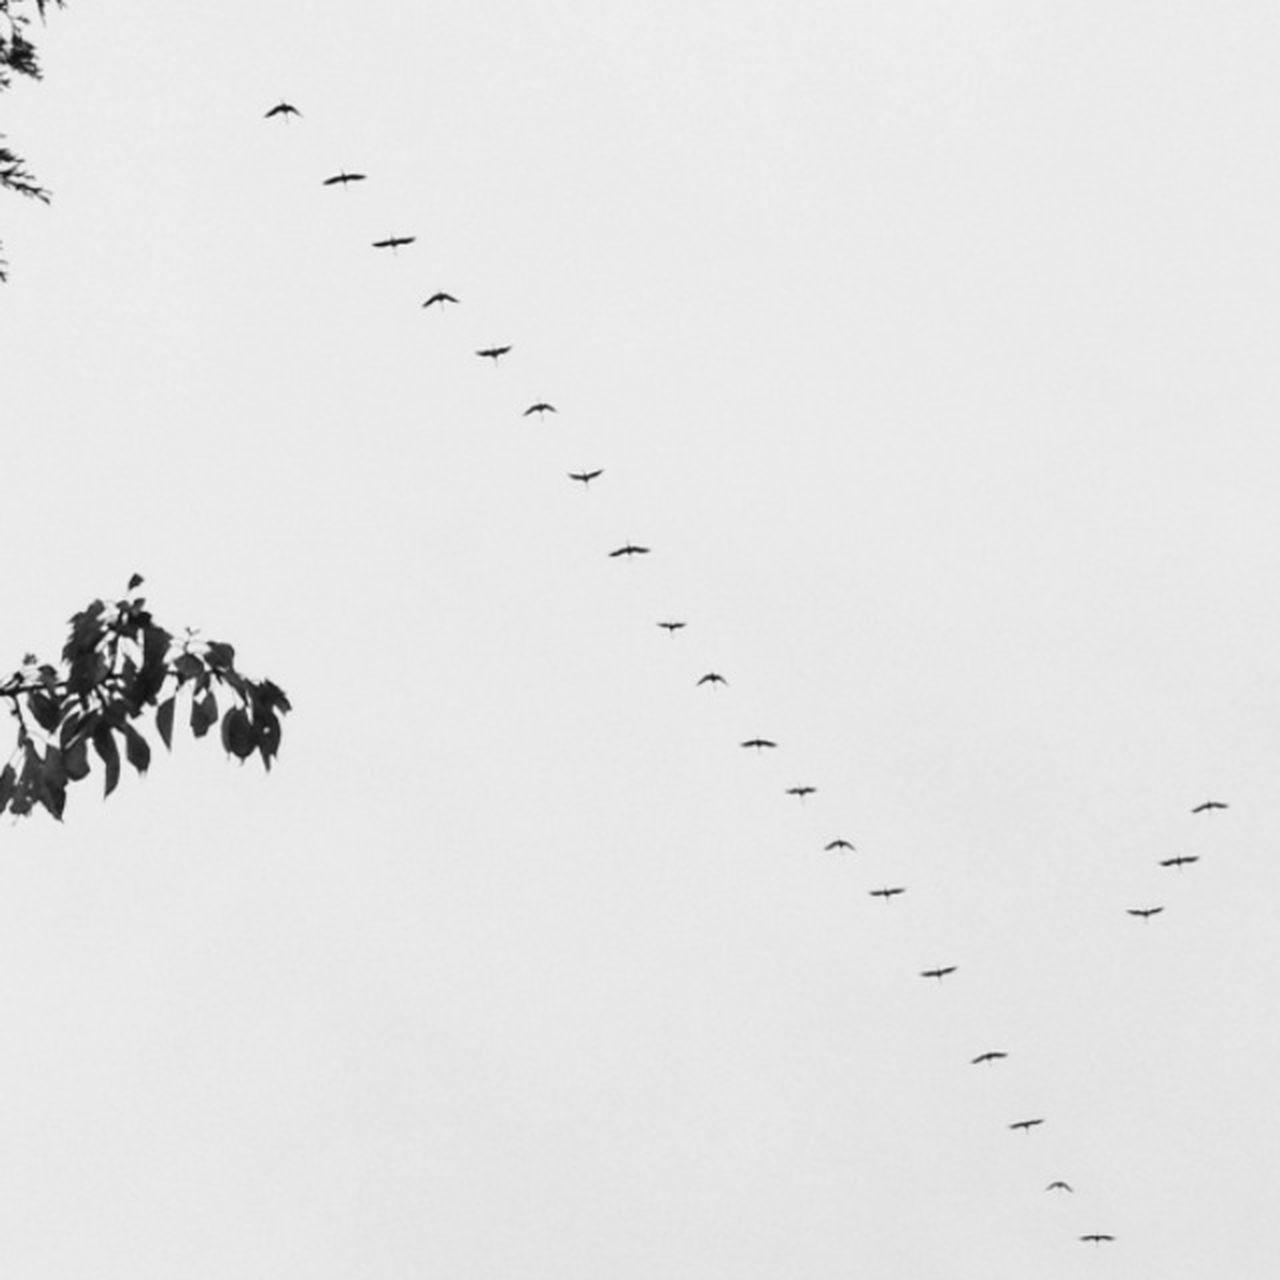 Fly away Goodbye Saying Goodbye Fly Away Autumn